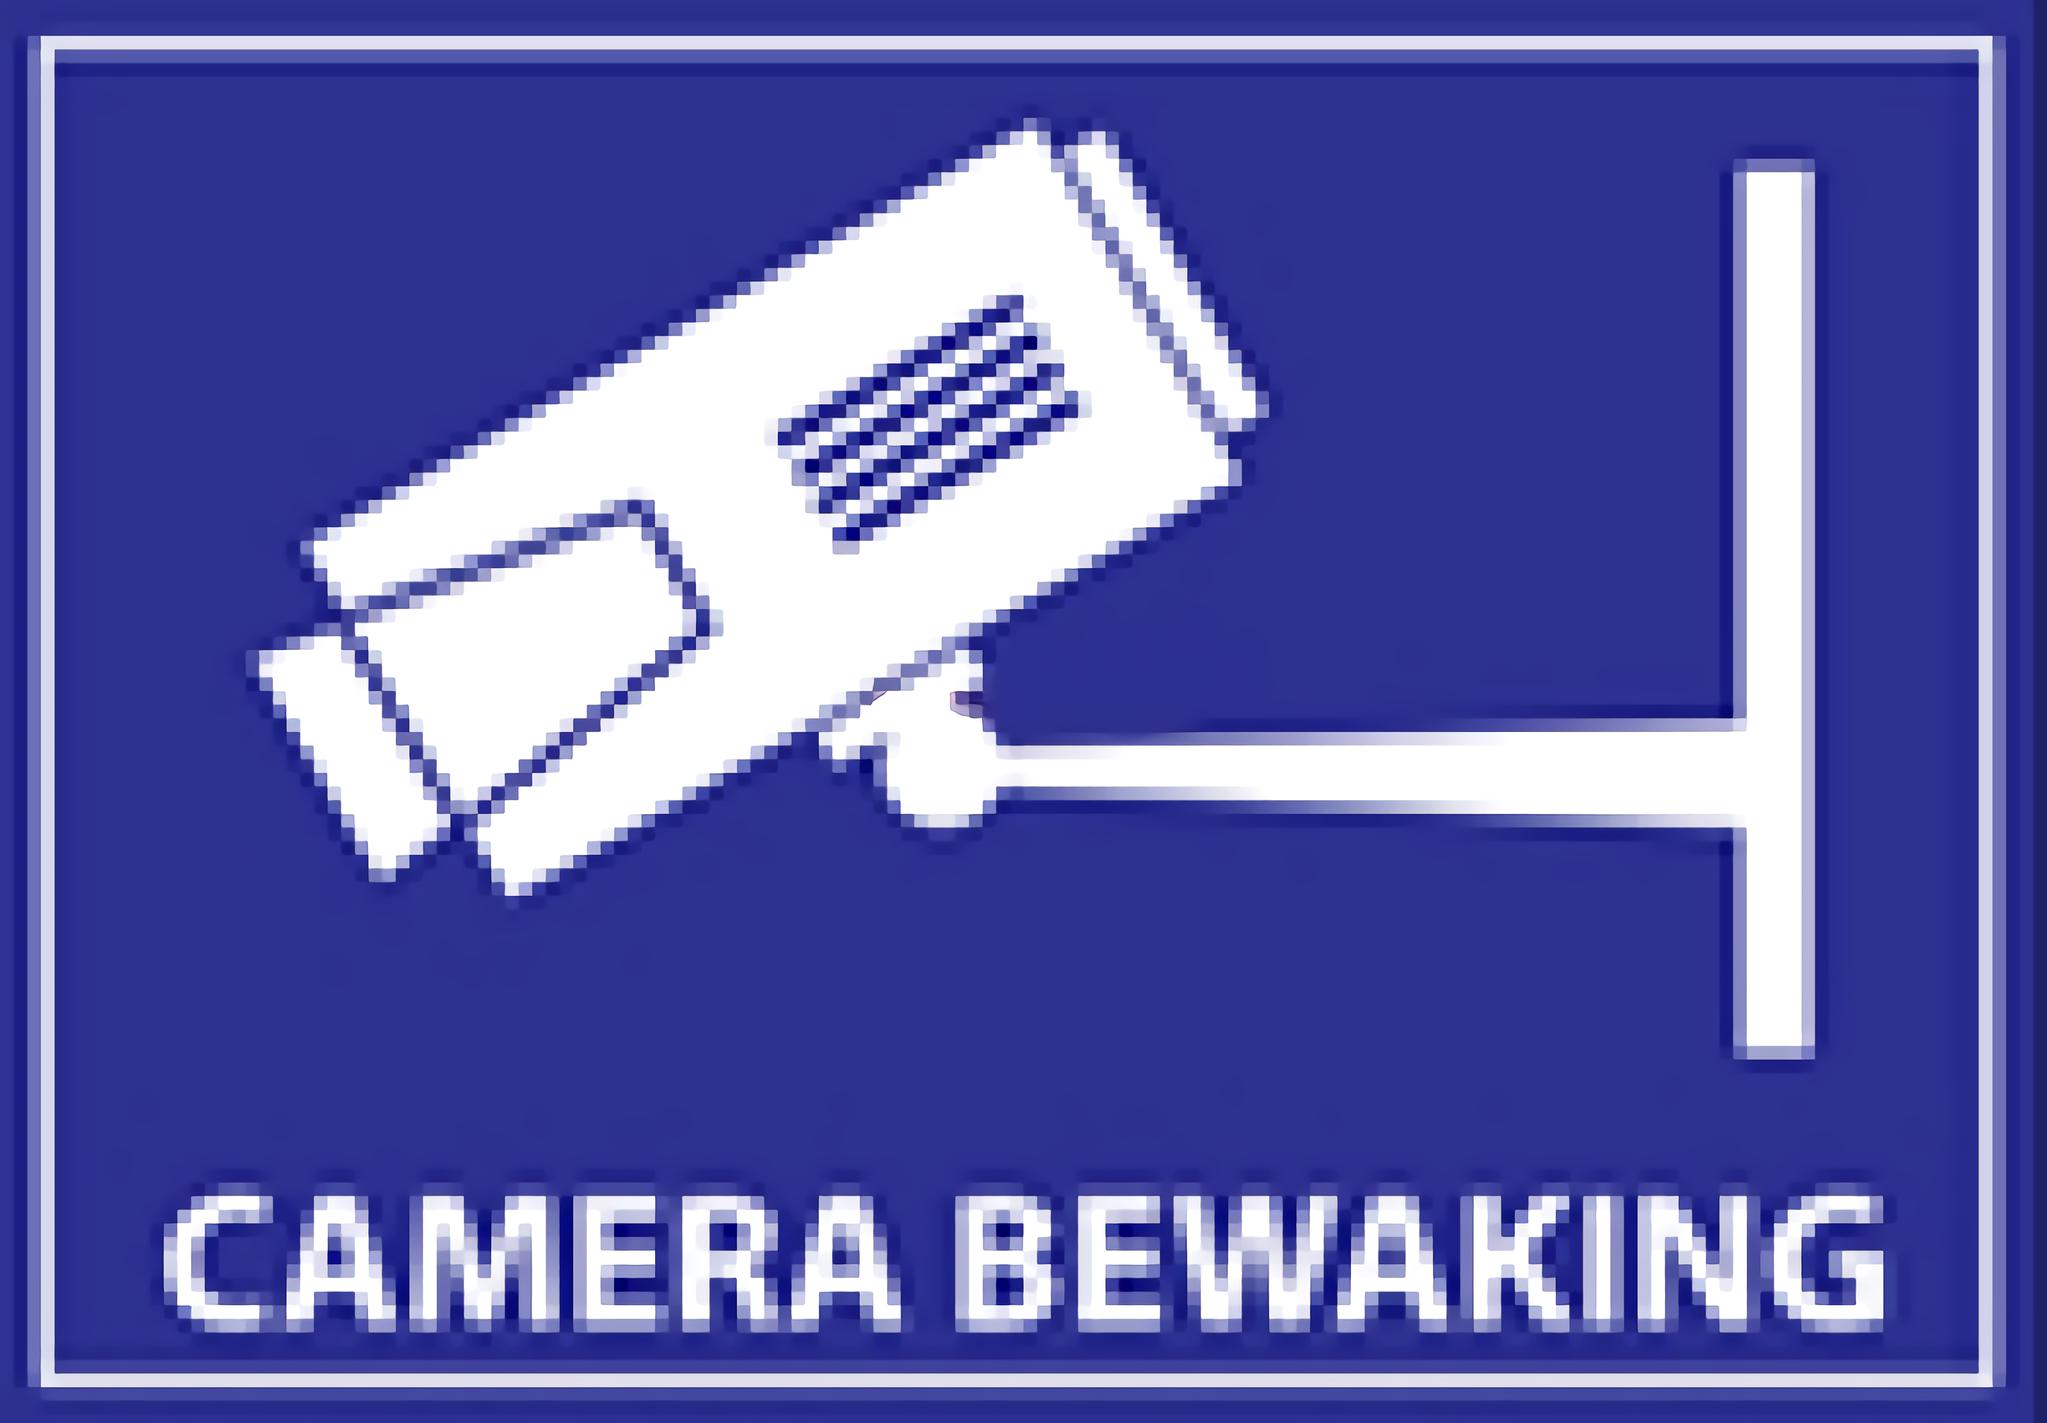 Richten Sie Ihre Überwachungskameras auf Kunden, Mitarbeiter und Passanten. Dieser professionelle Warnaufkleber hält ab und kann daher viel Ärger verhindern. Die Aufkleber sind einseitig und wetterbeständig.